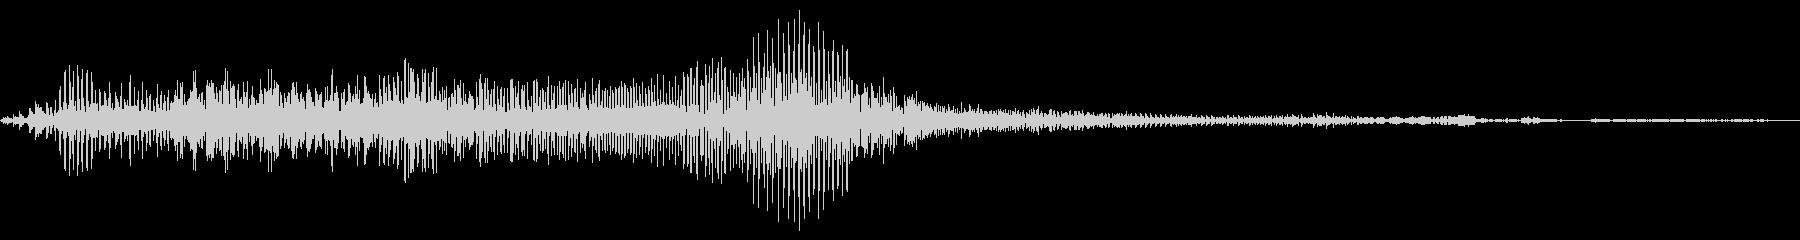 猫怒りの鳴き声の未再生の波形